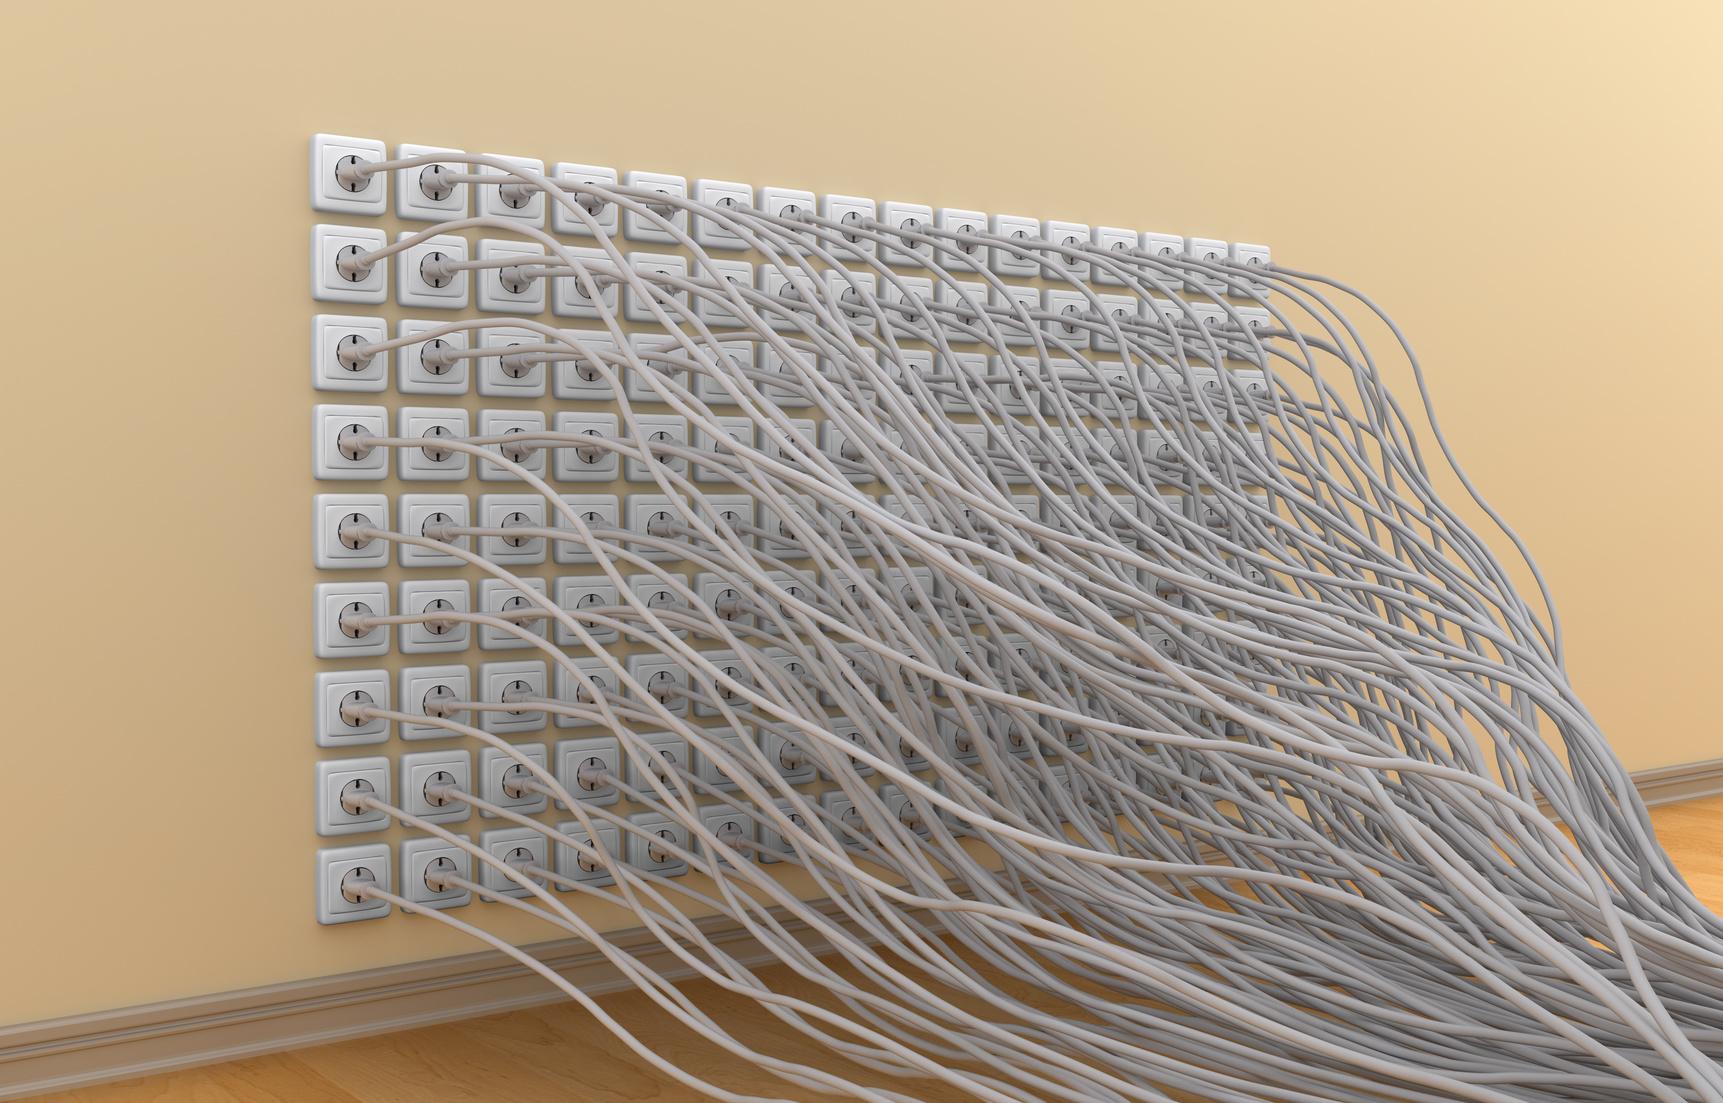 Viele Stecker in vielen Steckdosen